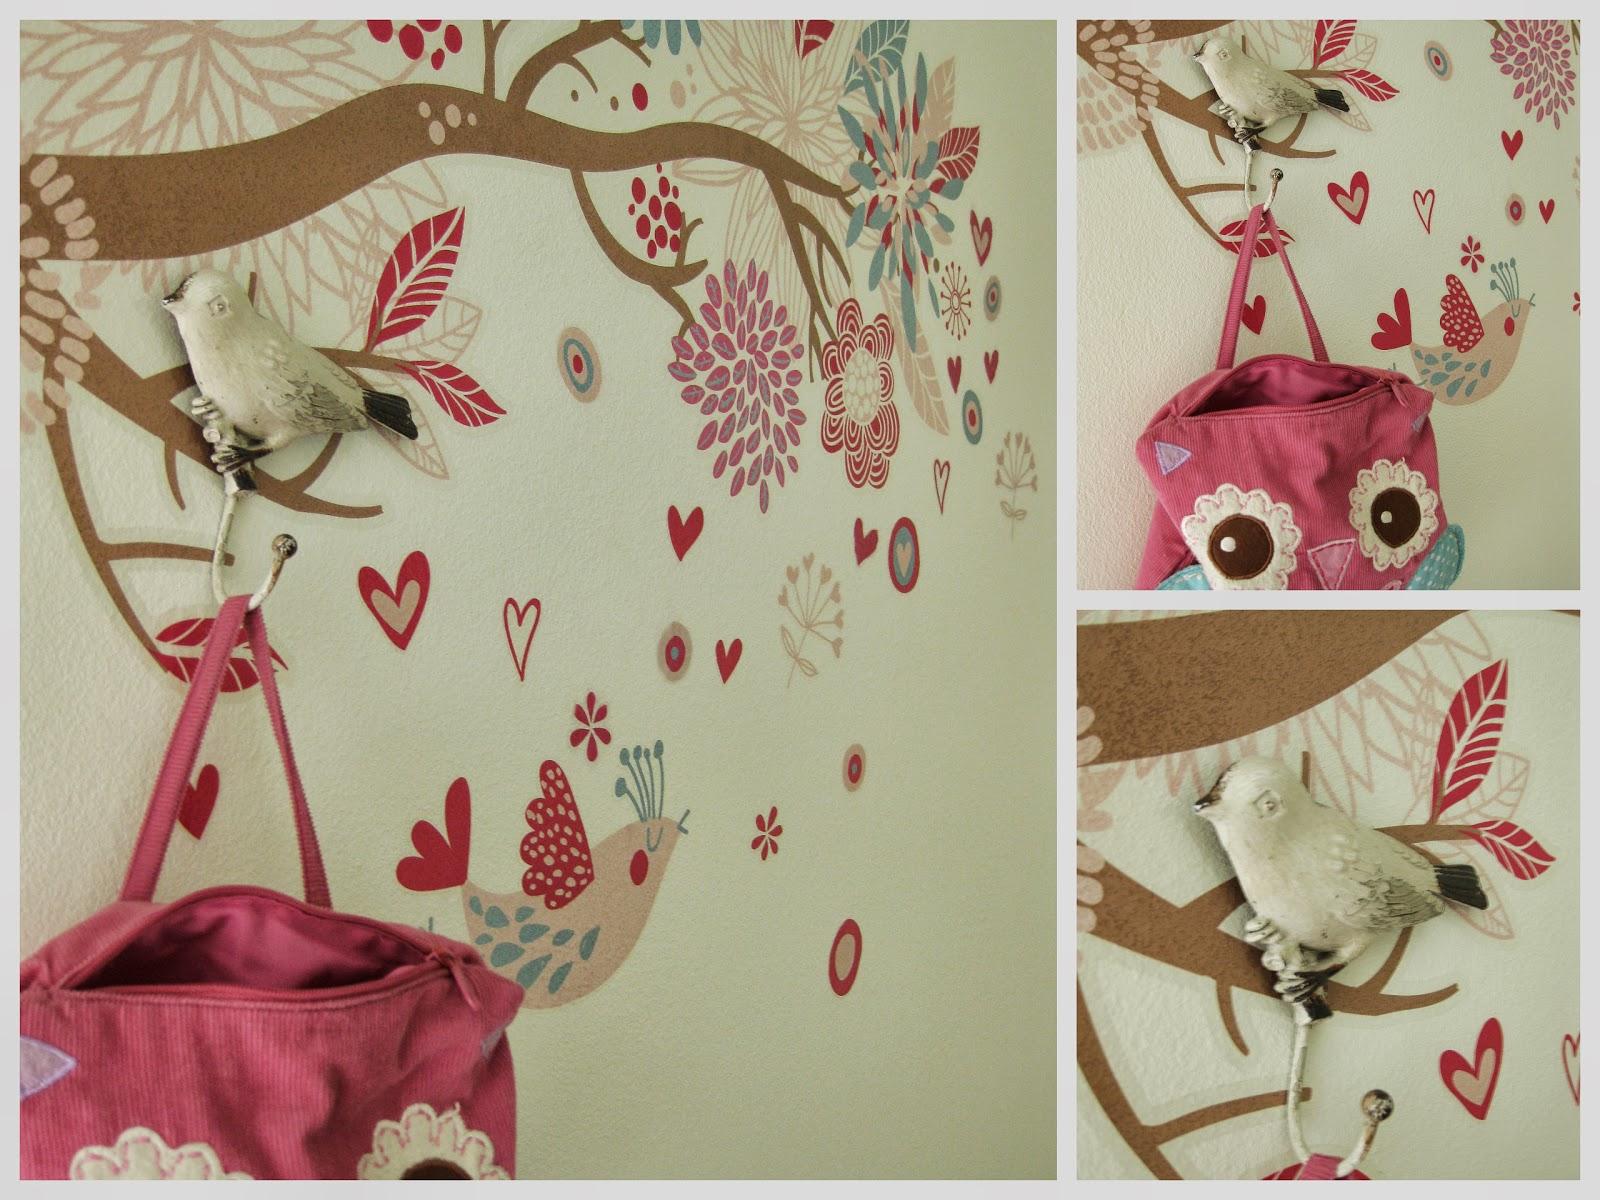 seinätarra puun oksa, linnut, rakkaus, lintu seinäkoukku lintunaulakko